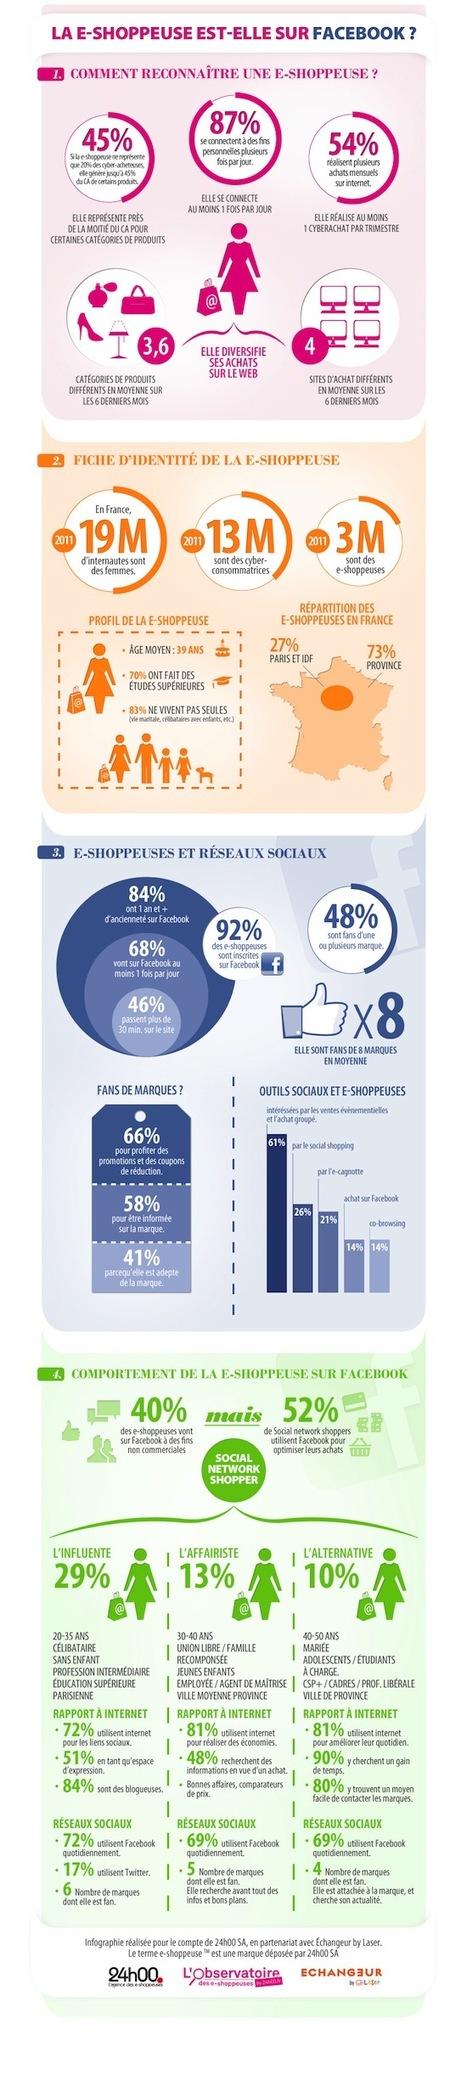 [Infographie] Portrait robot d'une e-shoppeuse sur Facebook   E-commerce & ventes privées   Scoop.it